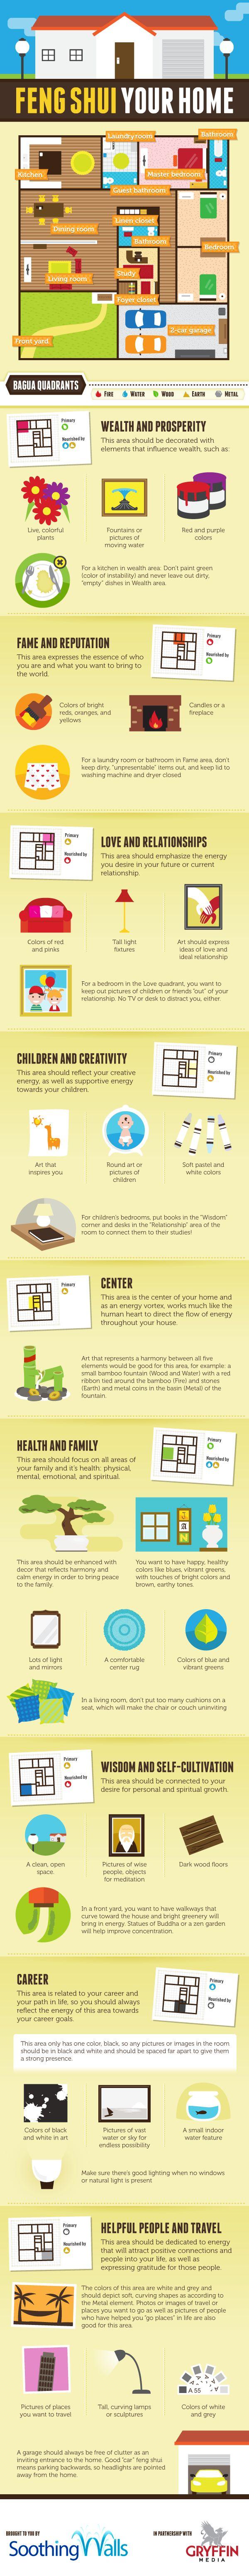 Une infographie qui résume bien le Feng Shui!